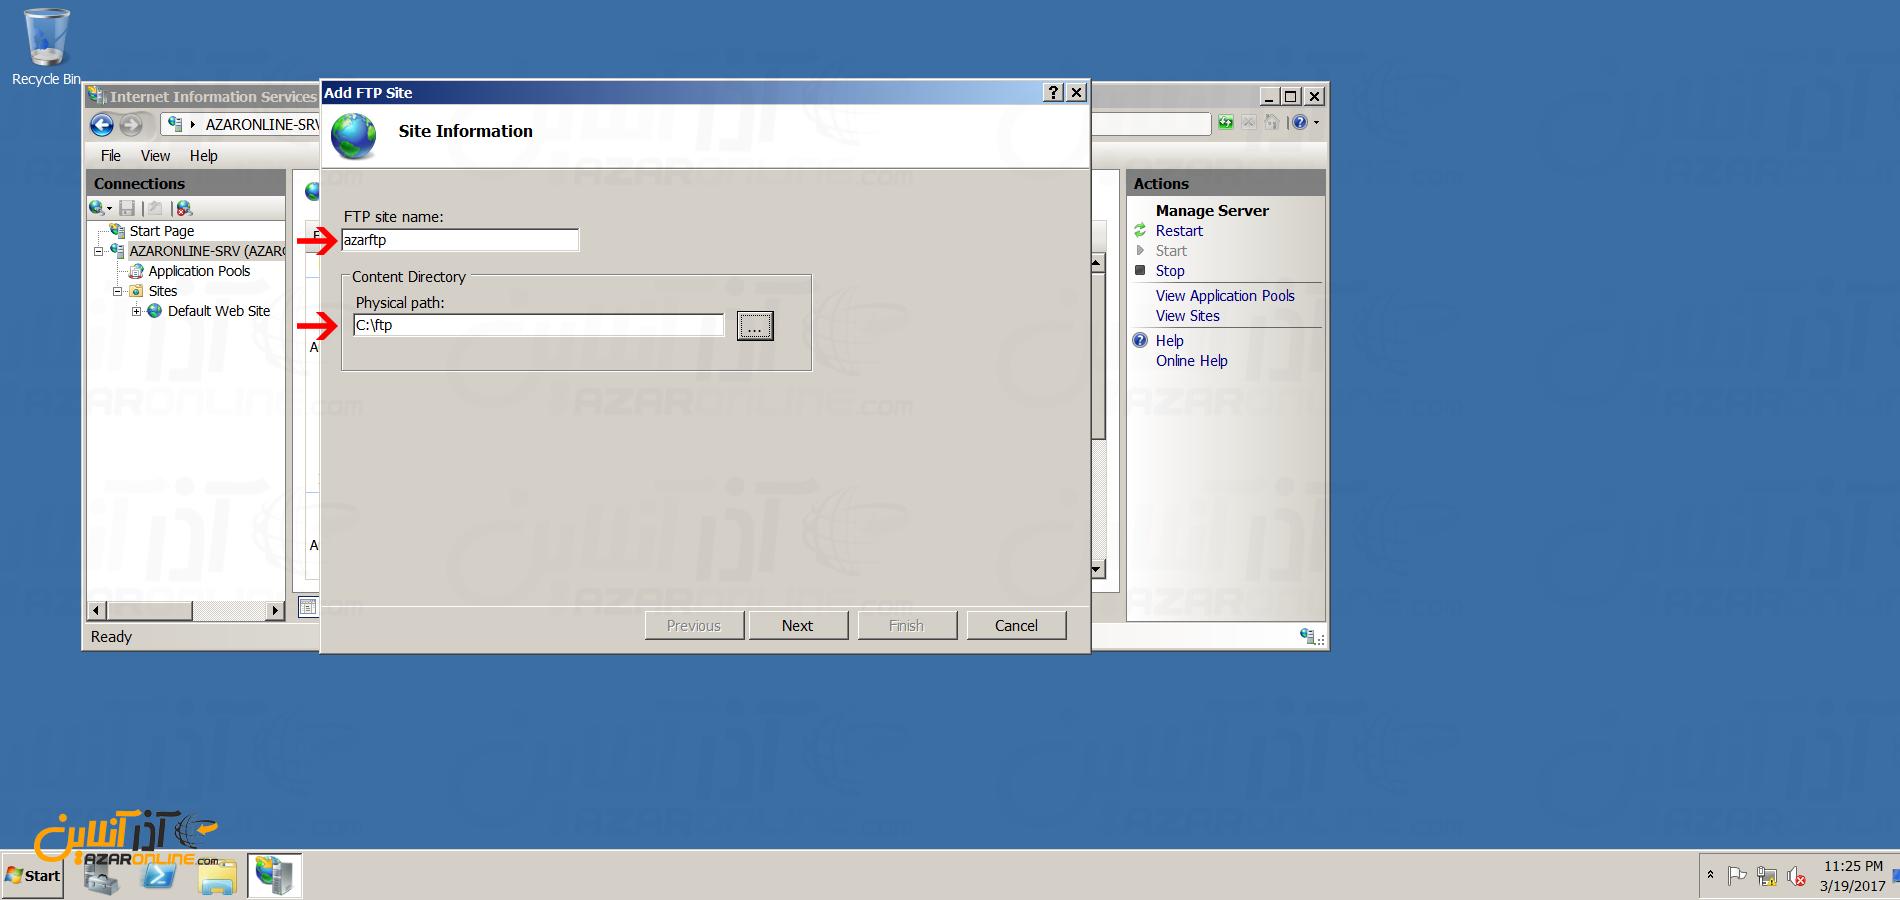 نصب FTP سرور در ویندوز سرور 2008 - انتخاب نام FTP